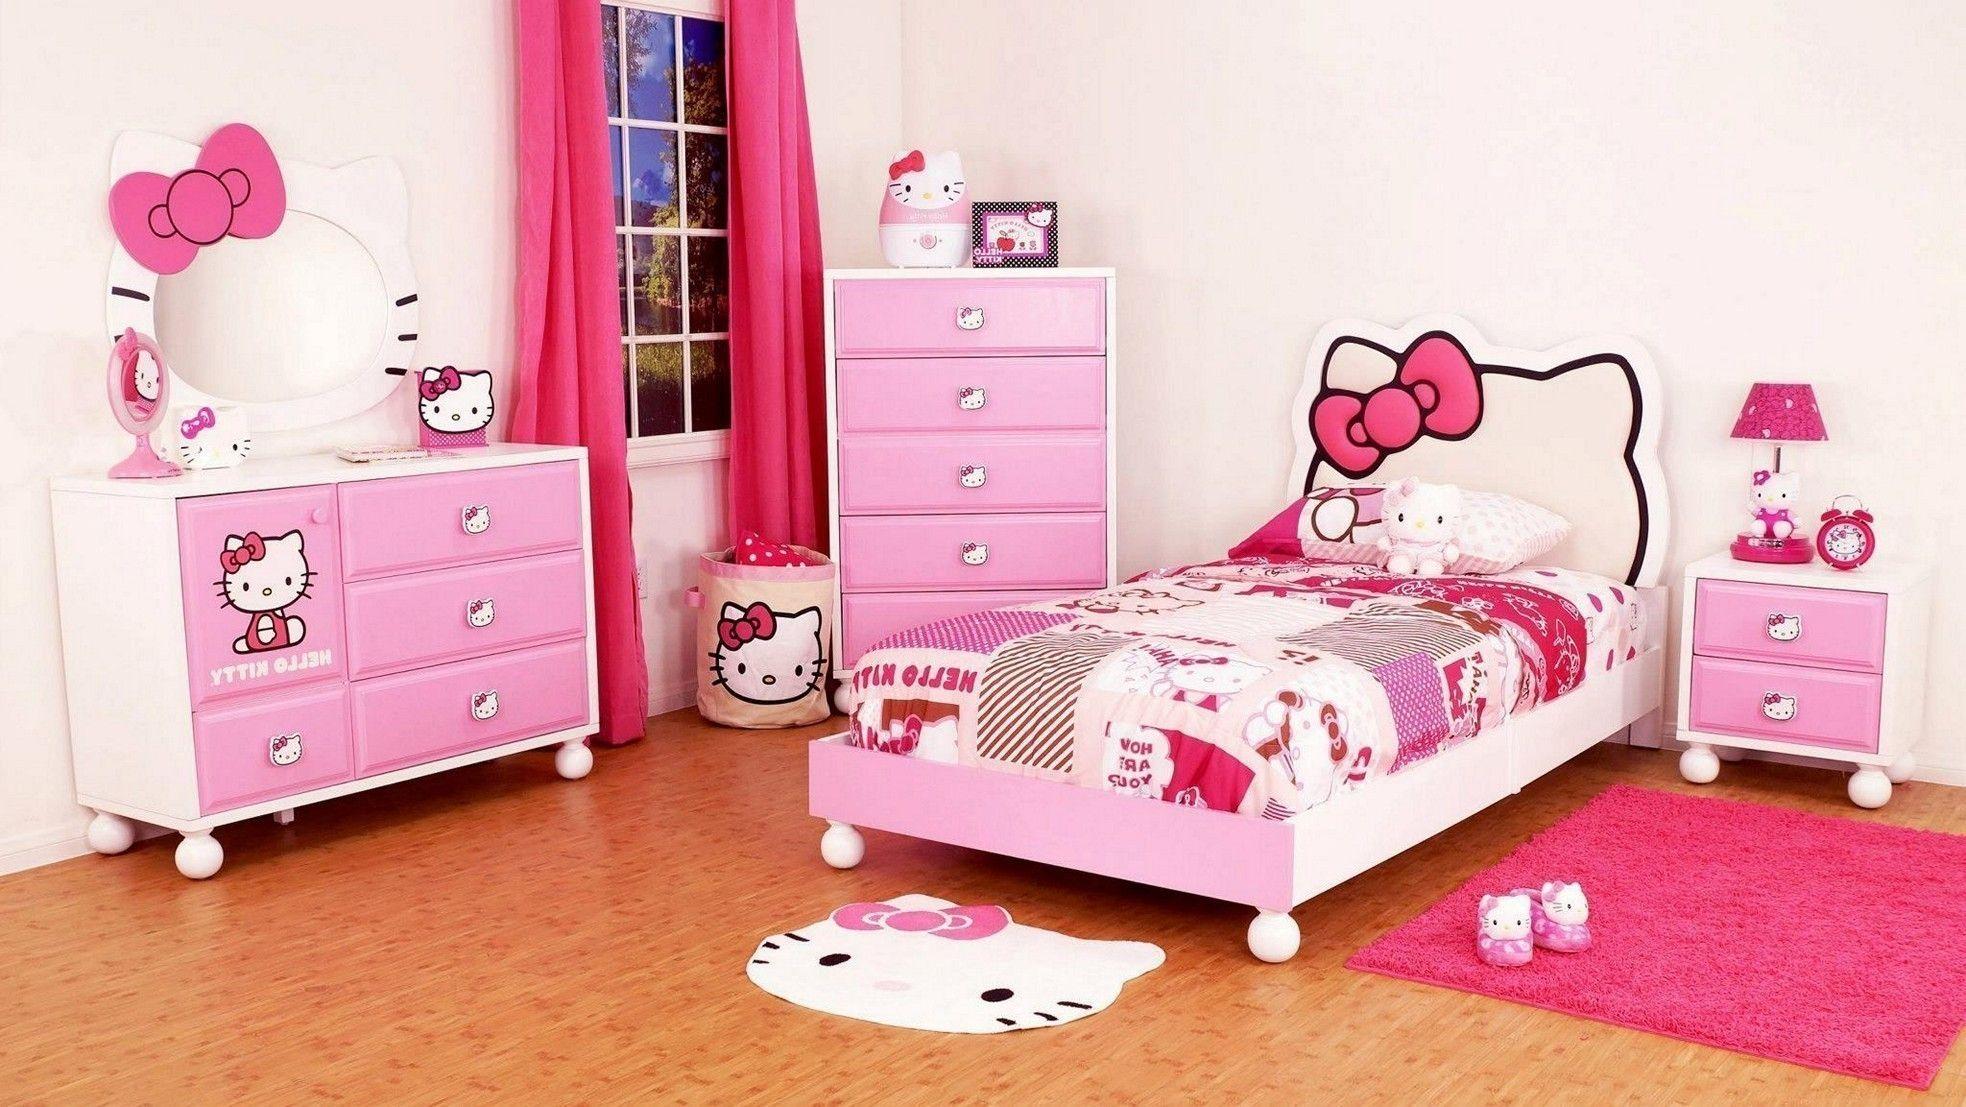 Schöne Hello Kitty Schlafzimmer Dekor Ideen Badezimmer Büromöbel